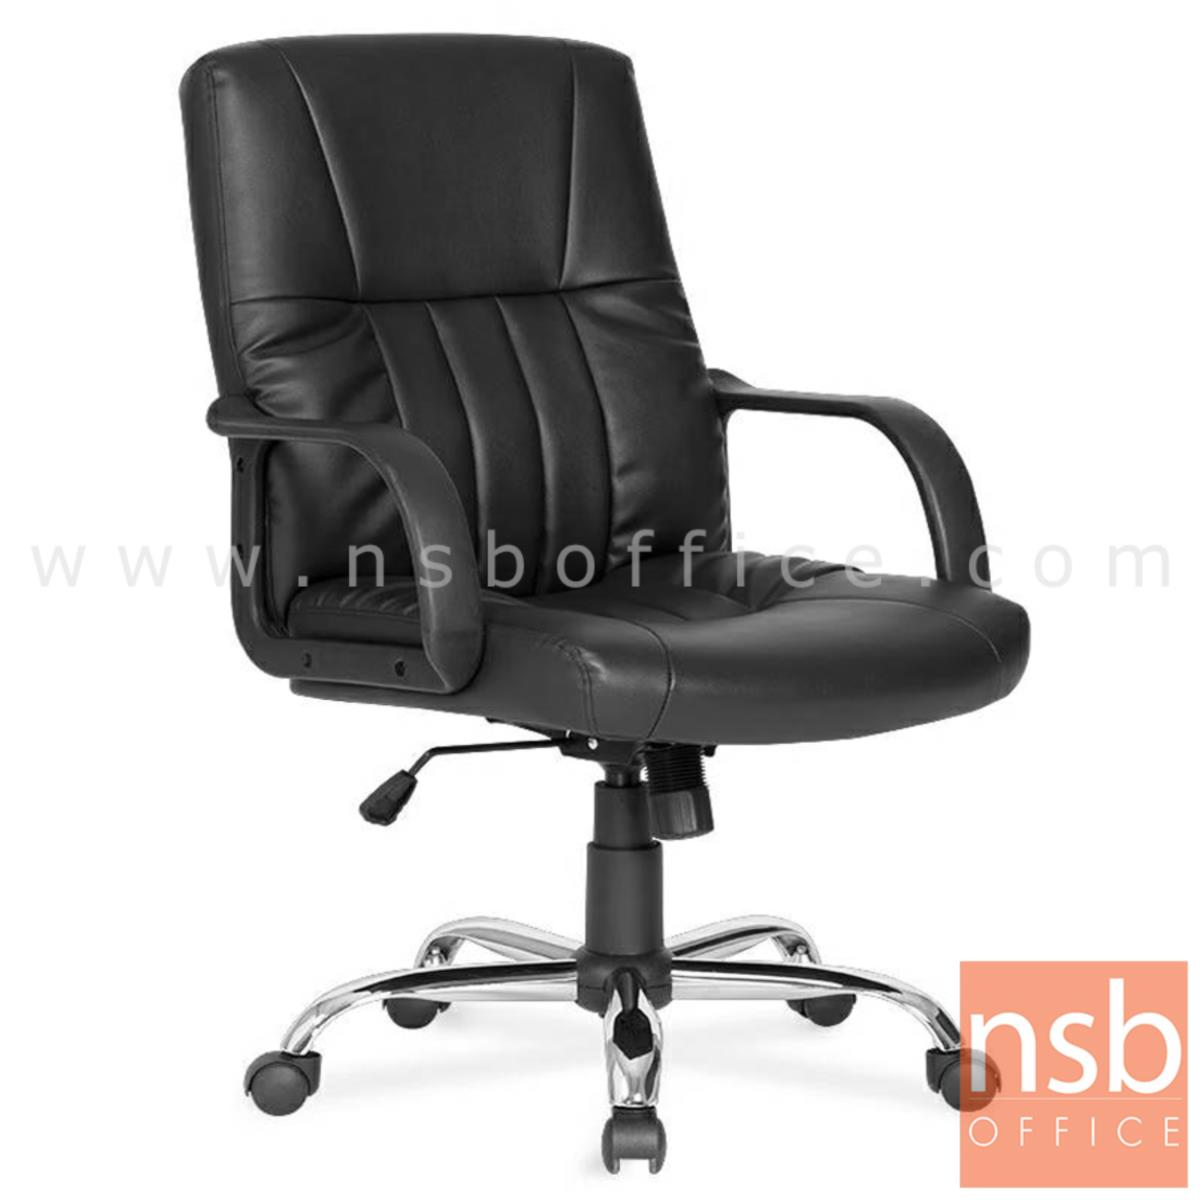 เก้าอี้สำนักงาน  รุ่น Rado (ราโด)  โช๊คแก๊ส มีก้อนโยก ขาเหล็กชุบโครเมี่ยม